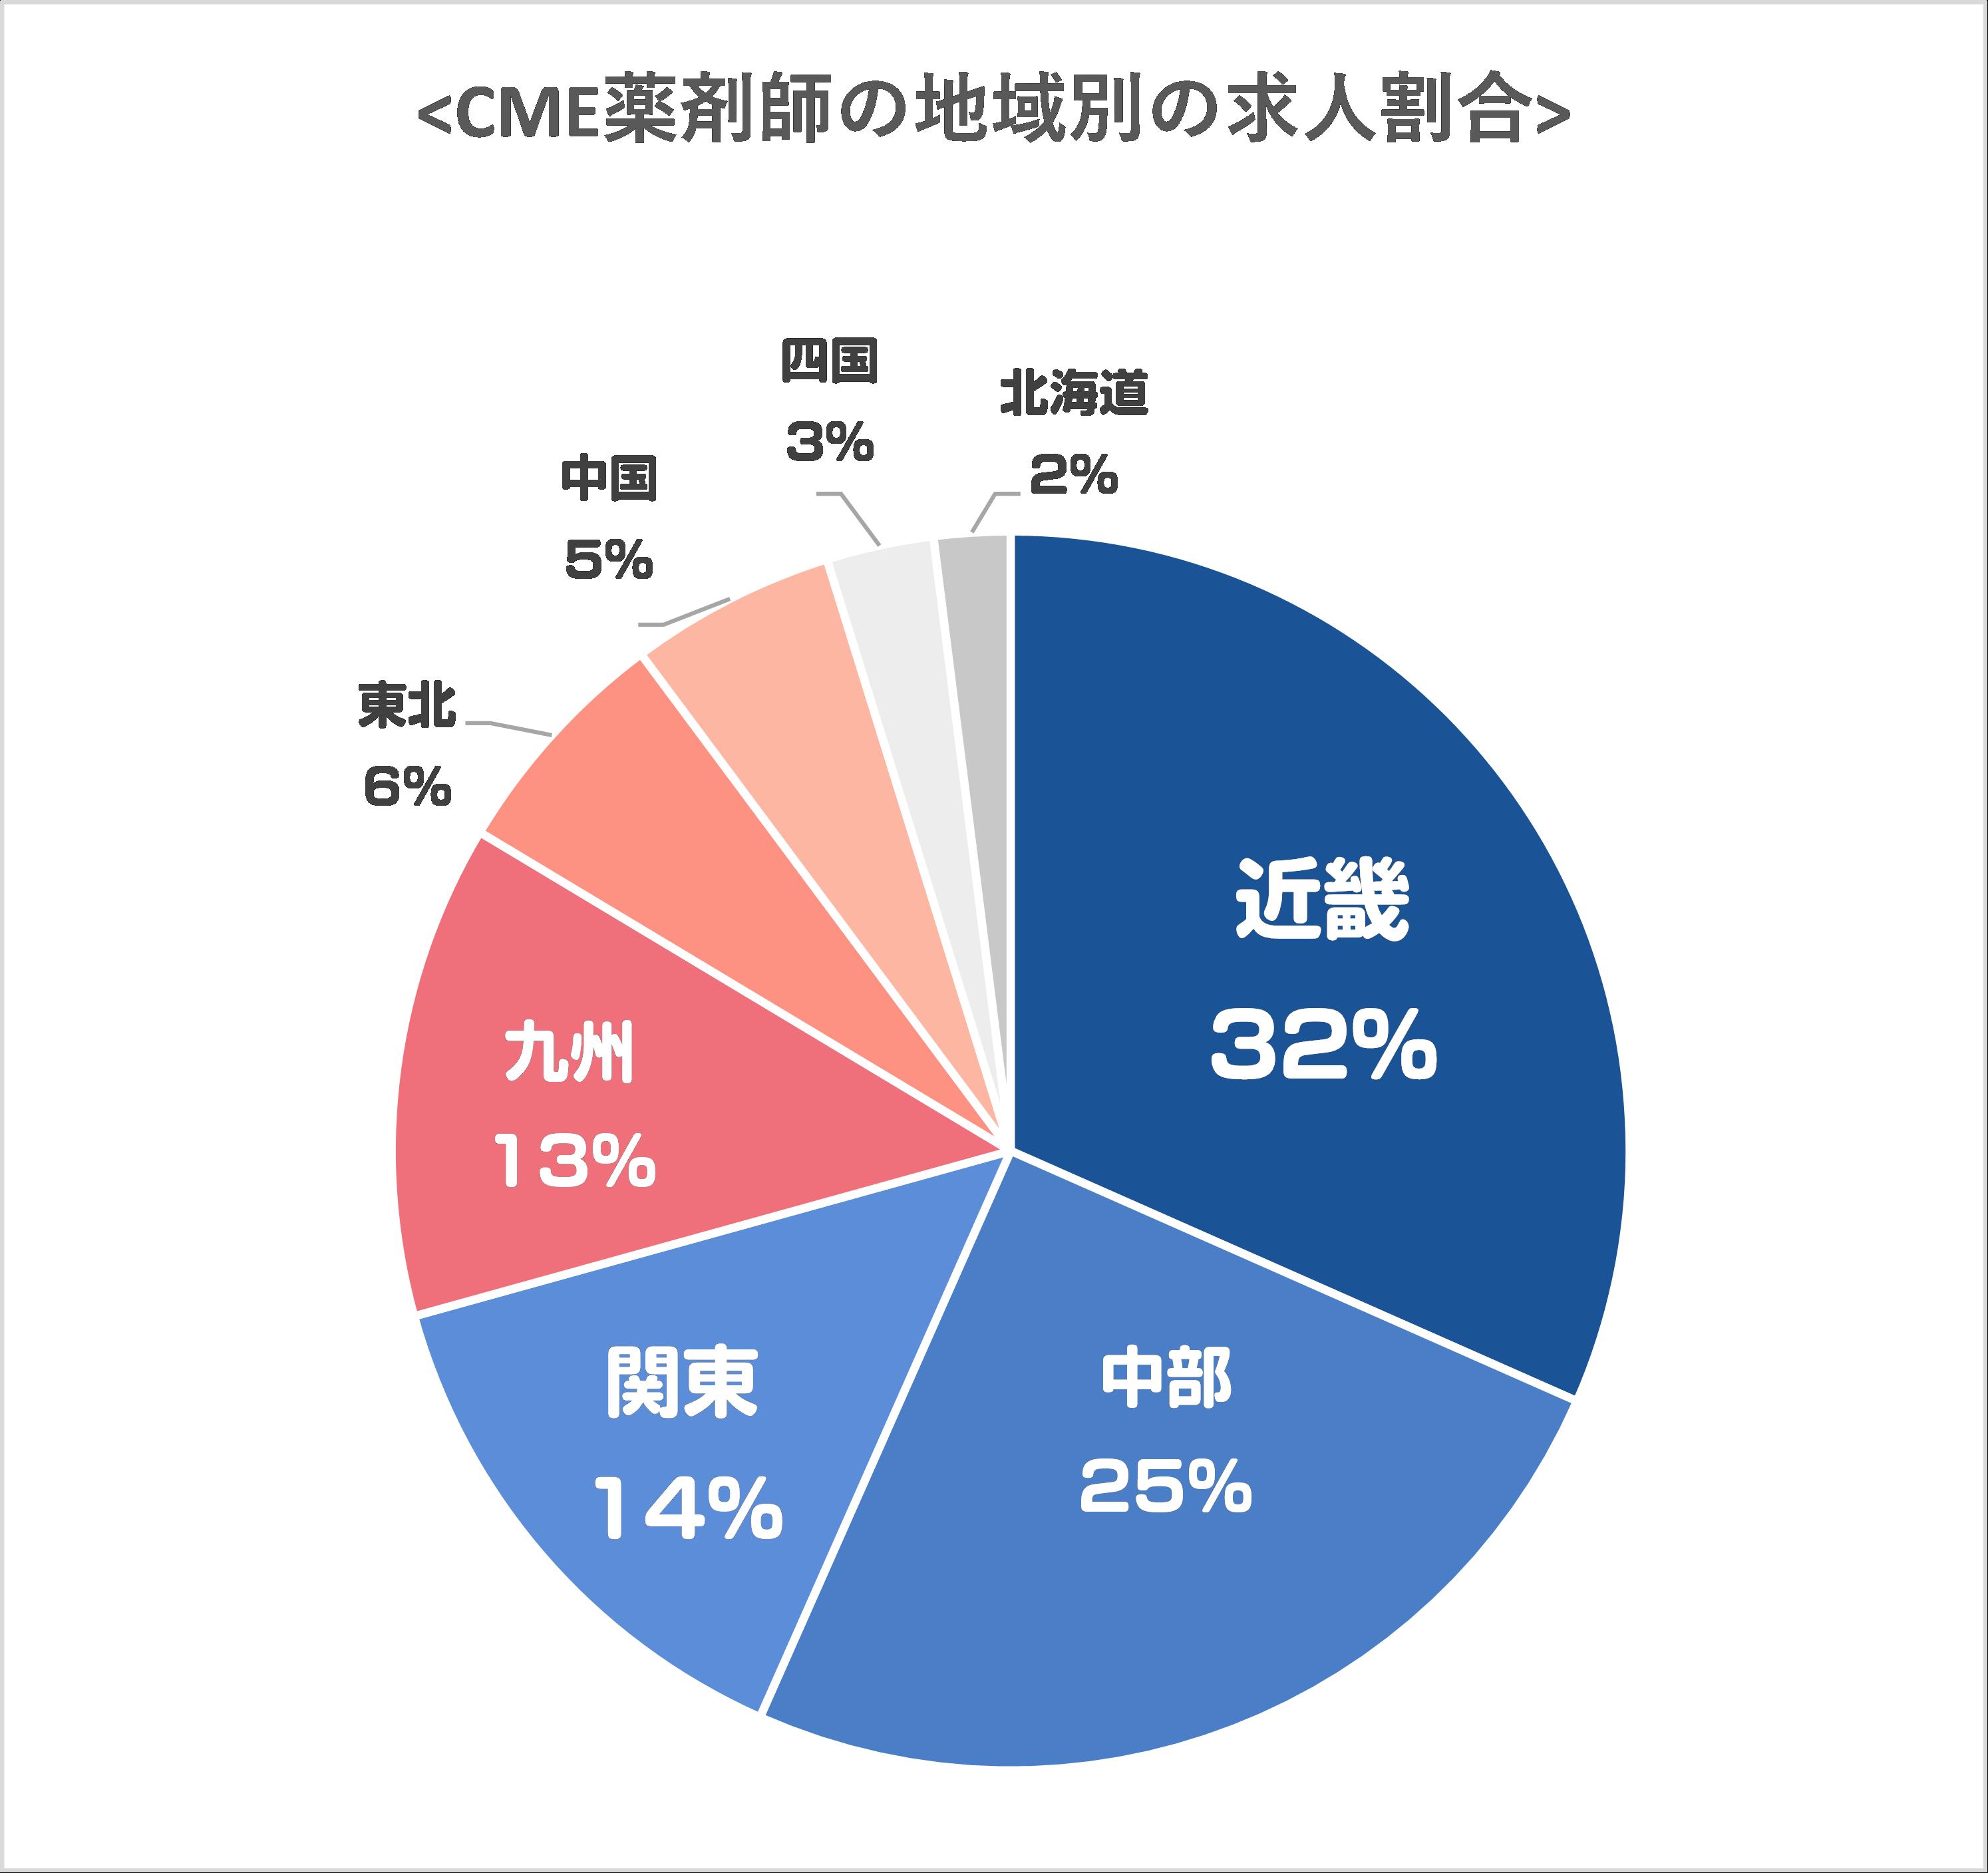 CME薬剤師-地方求人には弱い